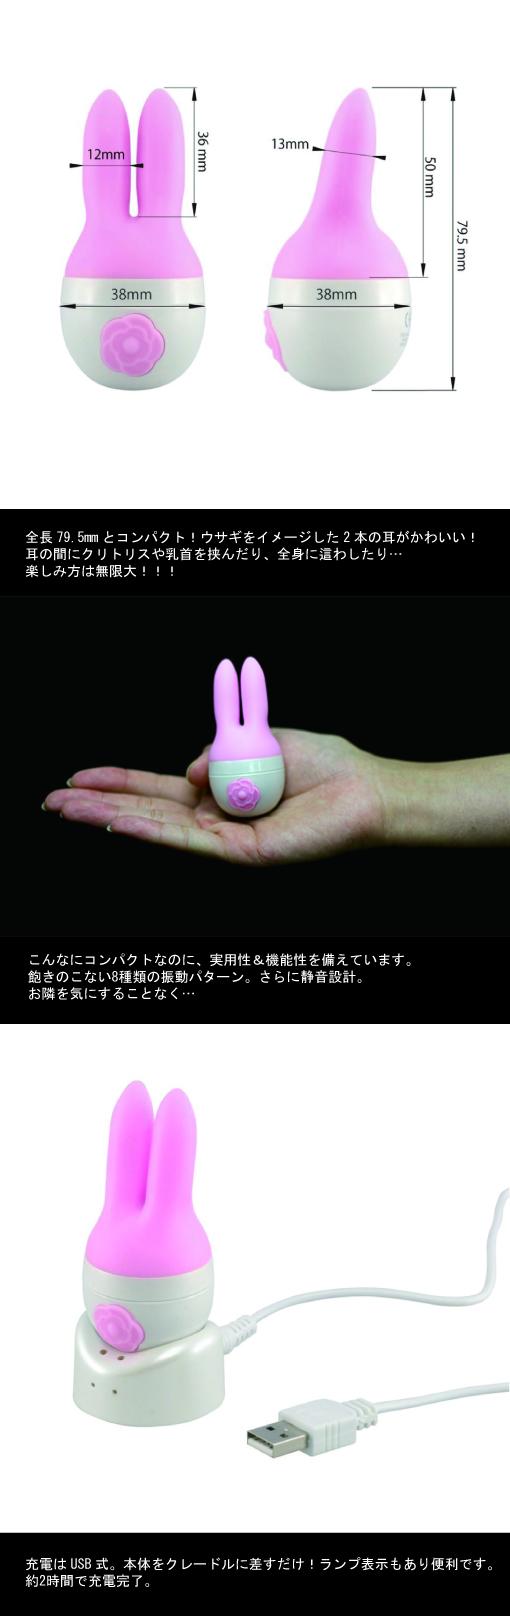 情報ページ@Kawaii Rabbit Kiss修正